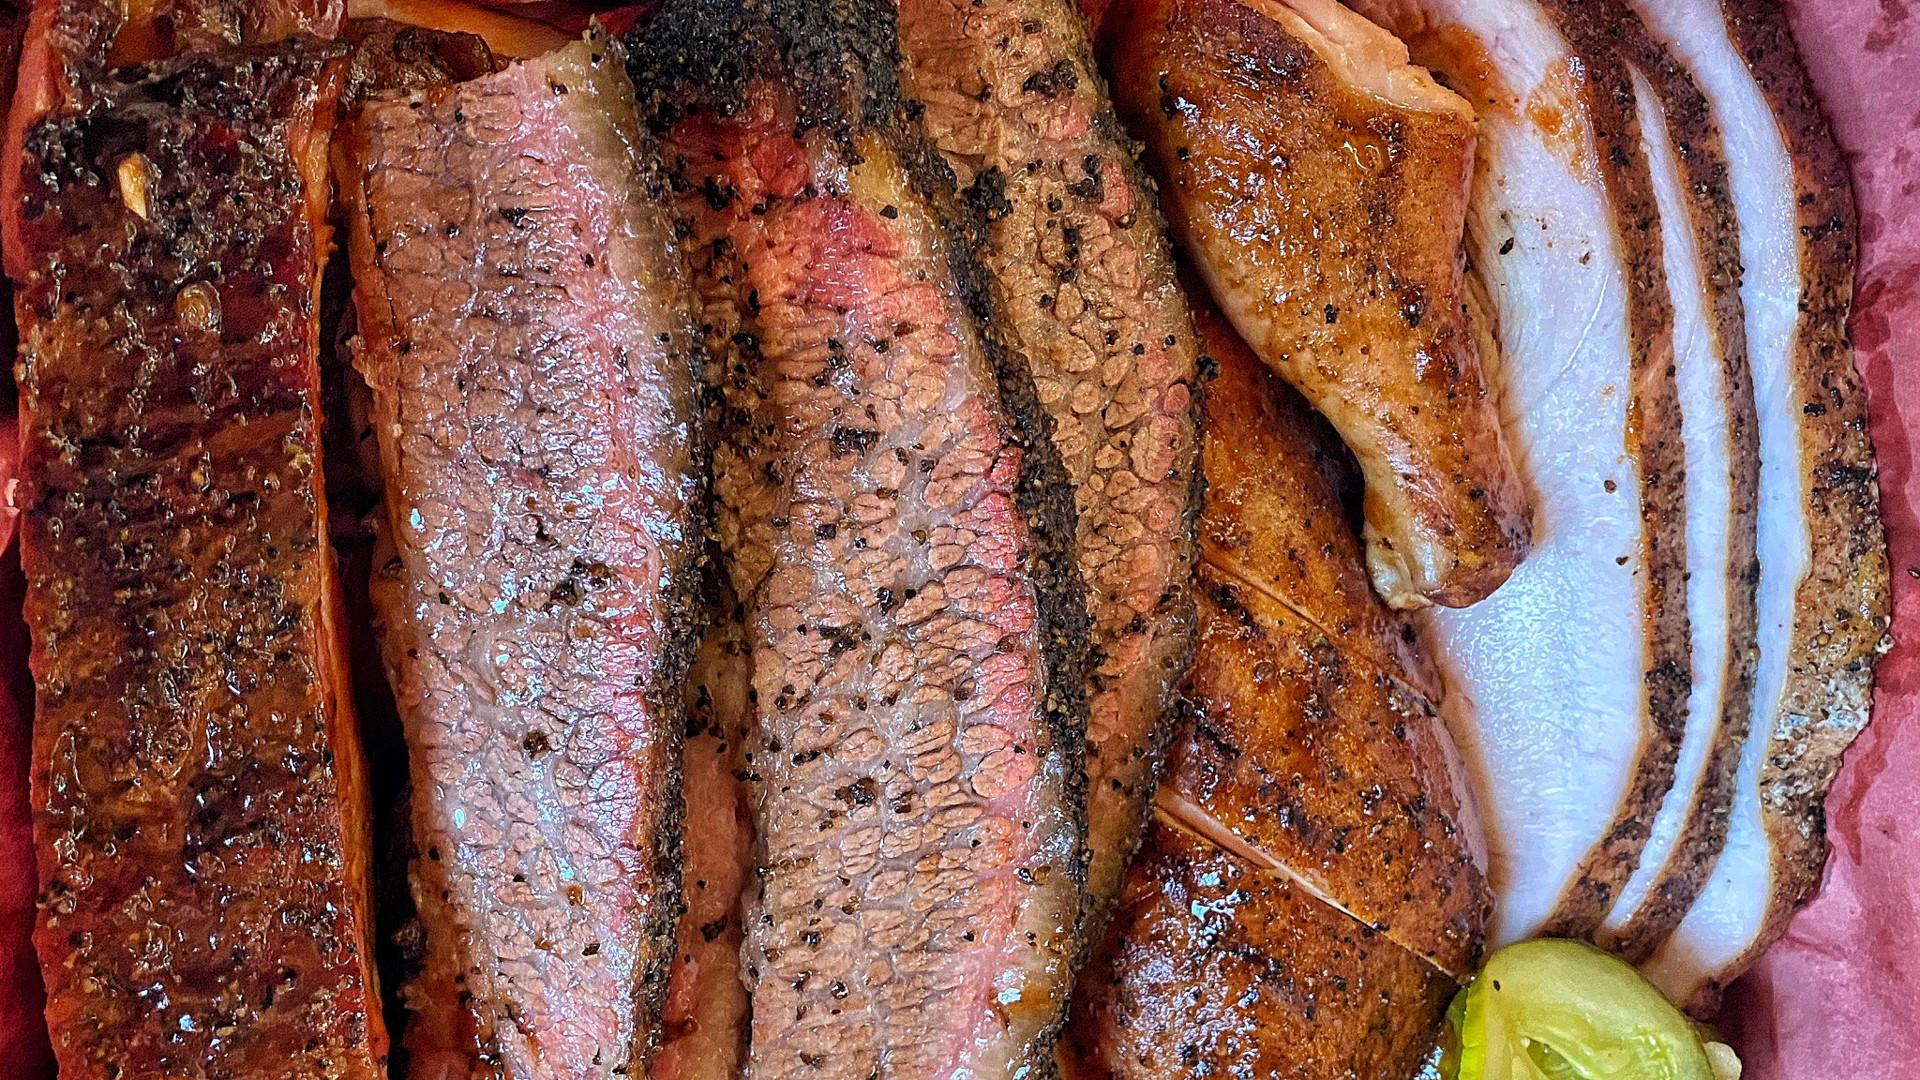 Best BBQ restaurants in Toronto: Cherry Street BBQ